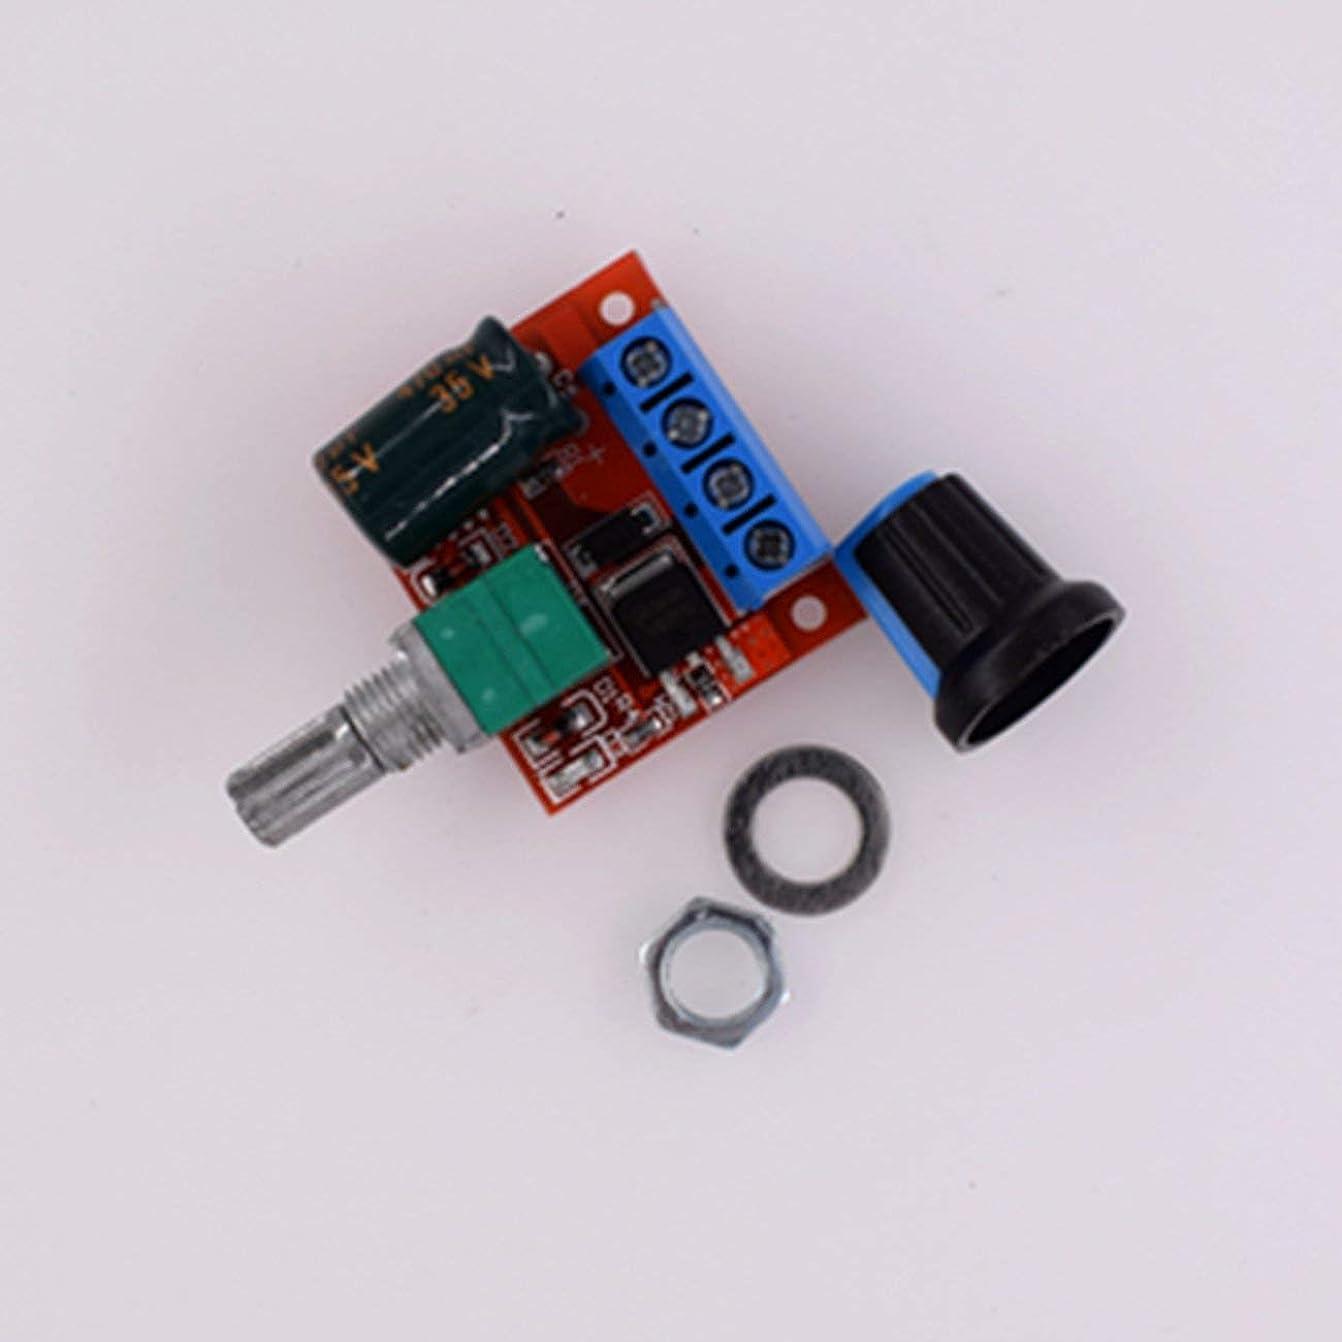 液体行列まろやかな【berryause】 HW-687 PWM DCモーター速度ガバナー5V-25V速度調整スイッチコントローラー5Aスイッチ機能小型LED調光モジュール(マルチカラー)